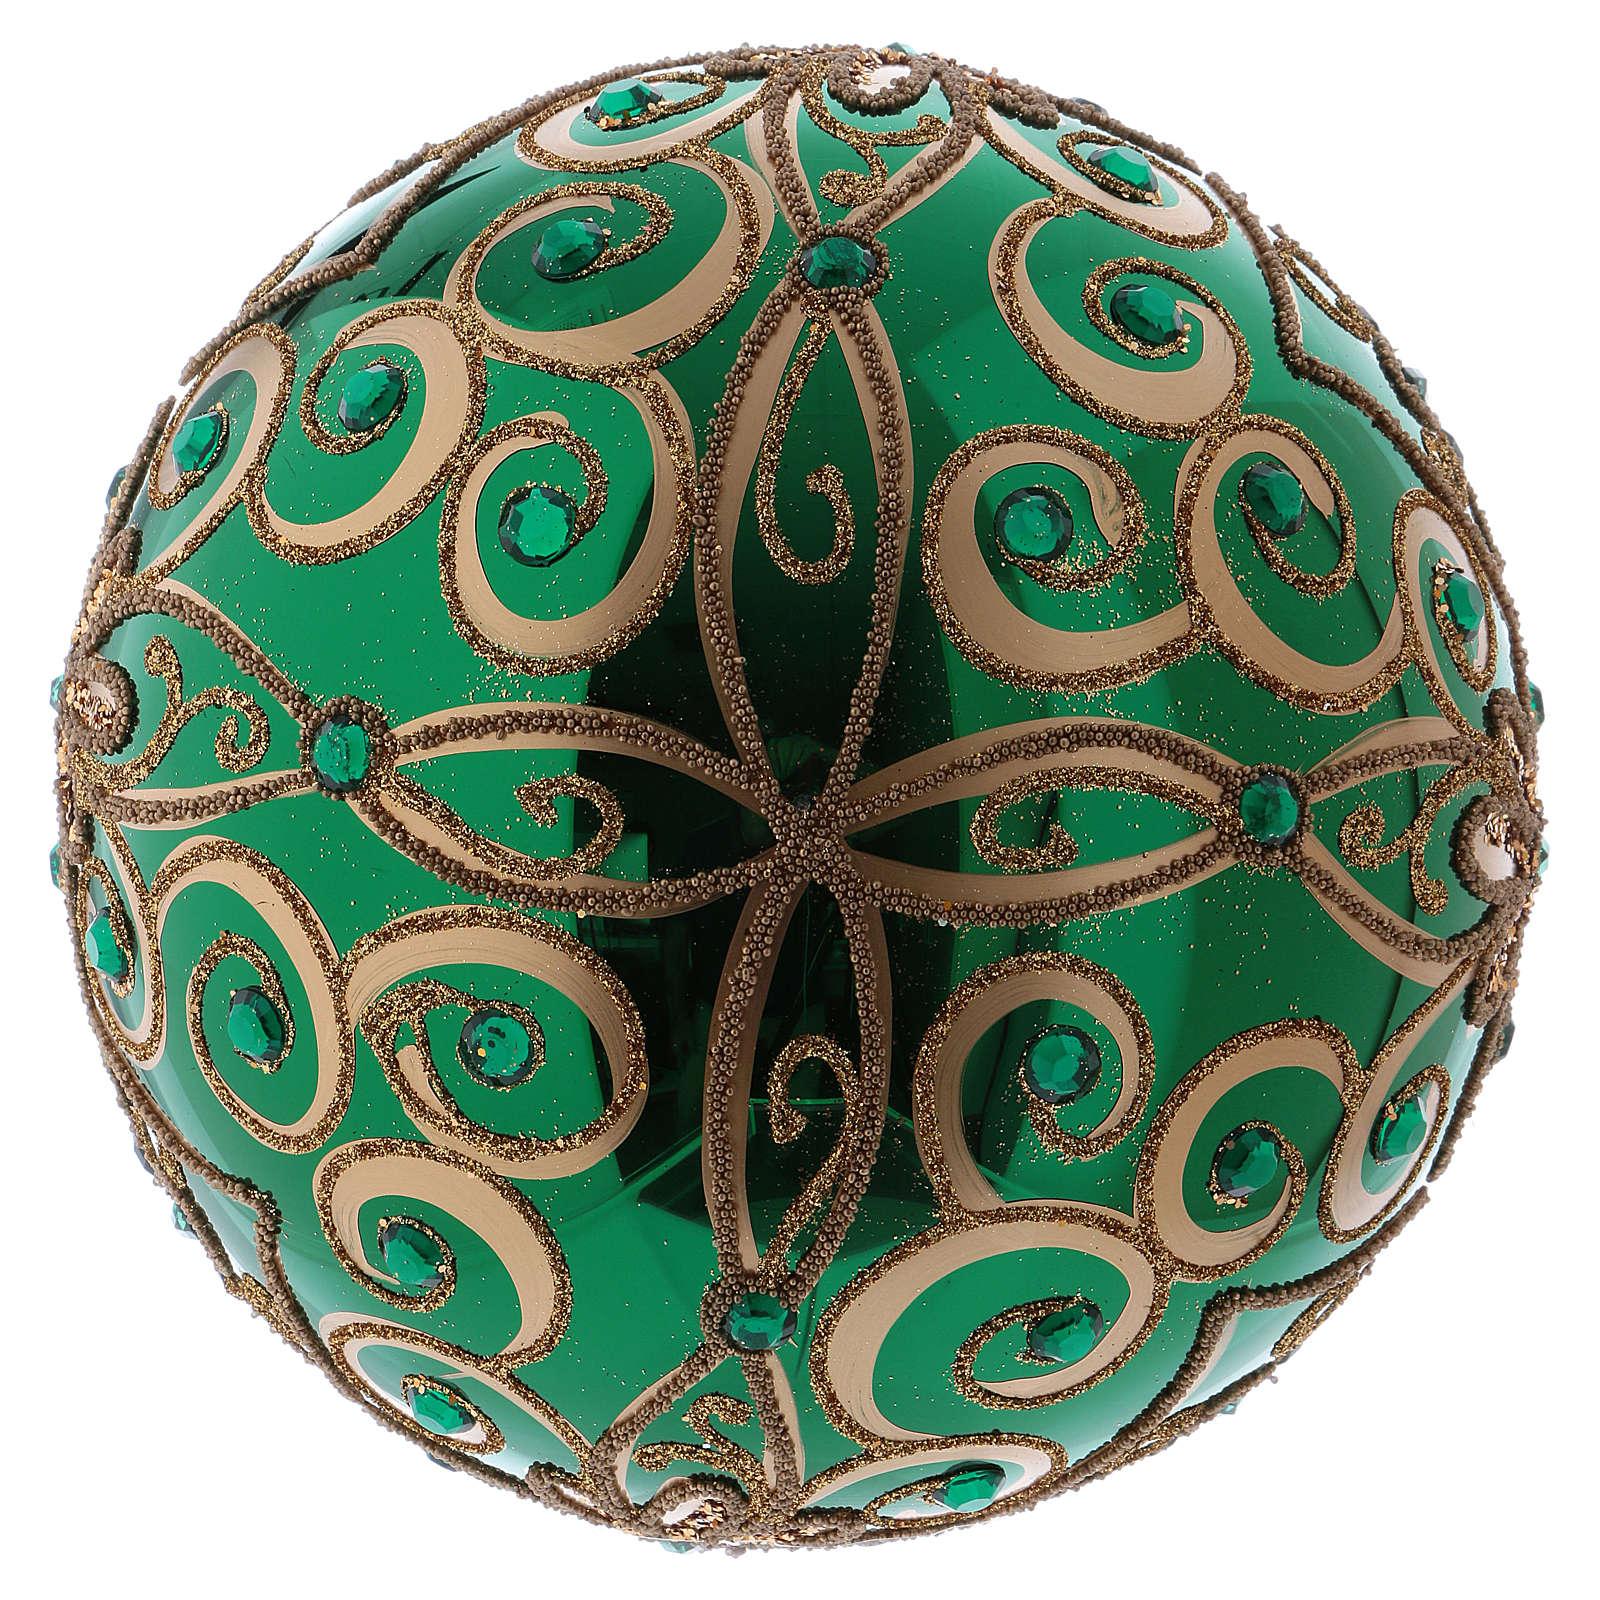 Boule de Noël verre soufflé 200 mm verte décorations florales dorées 4